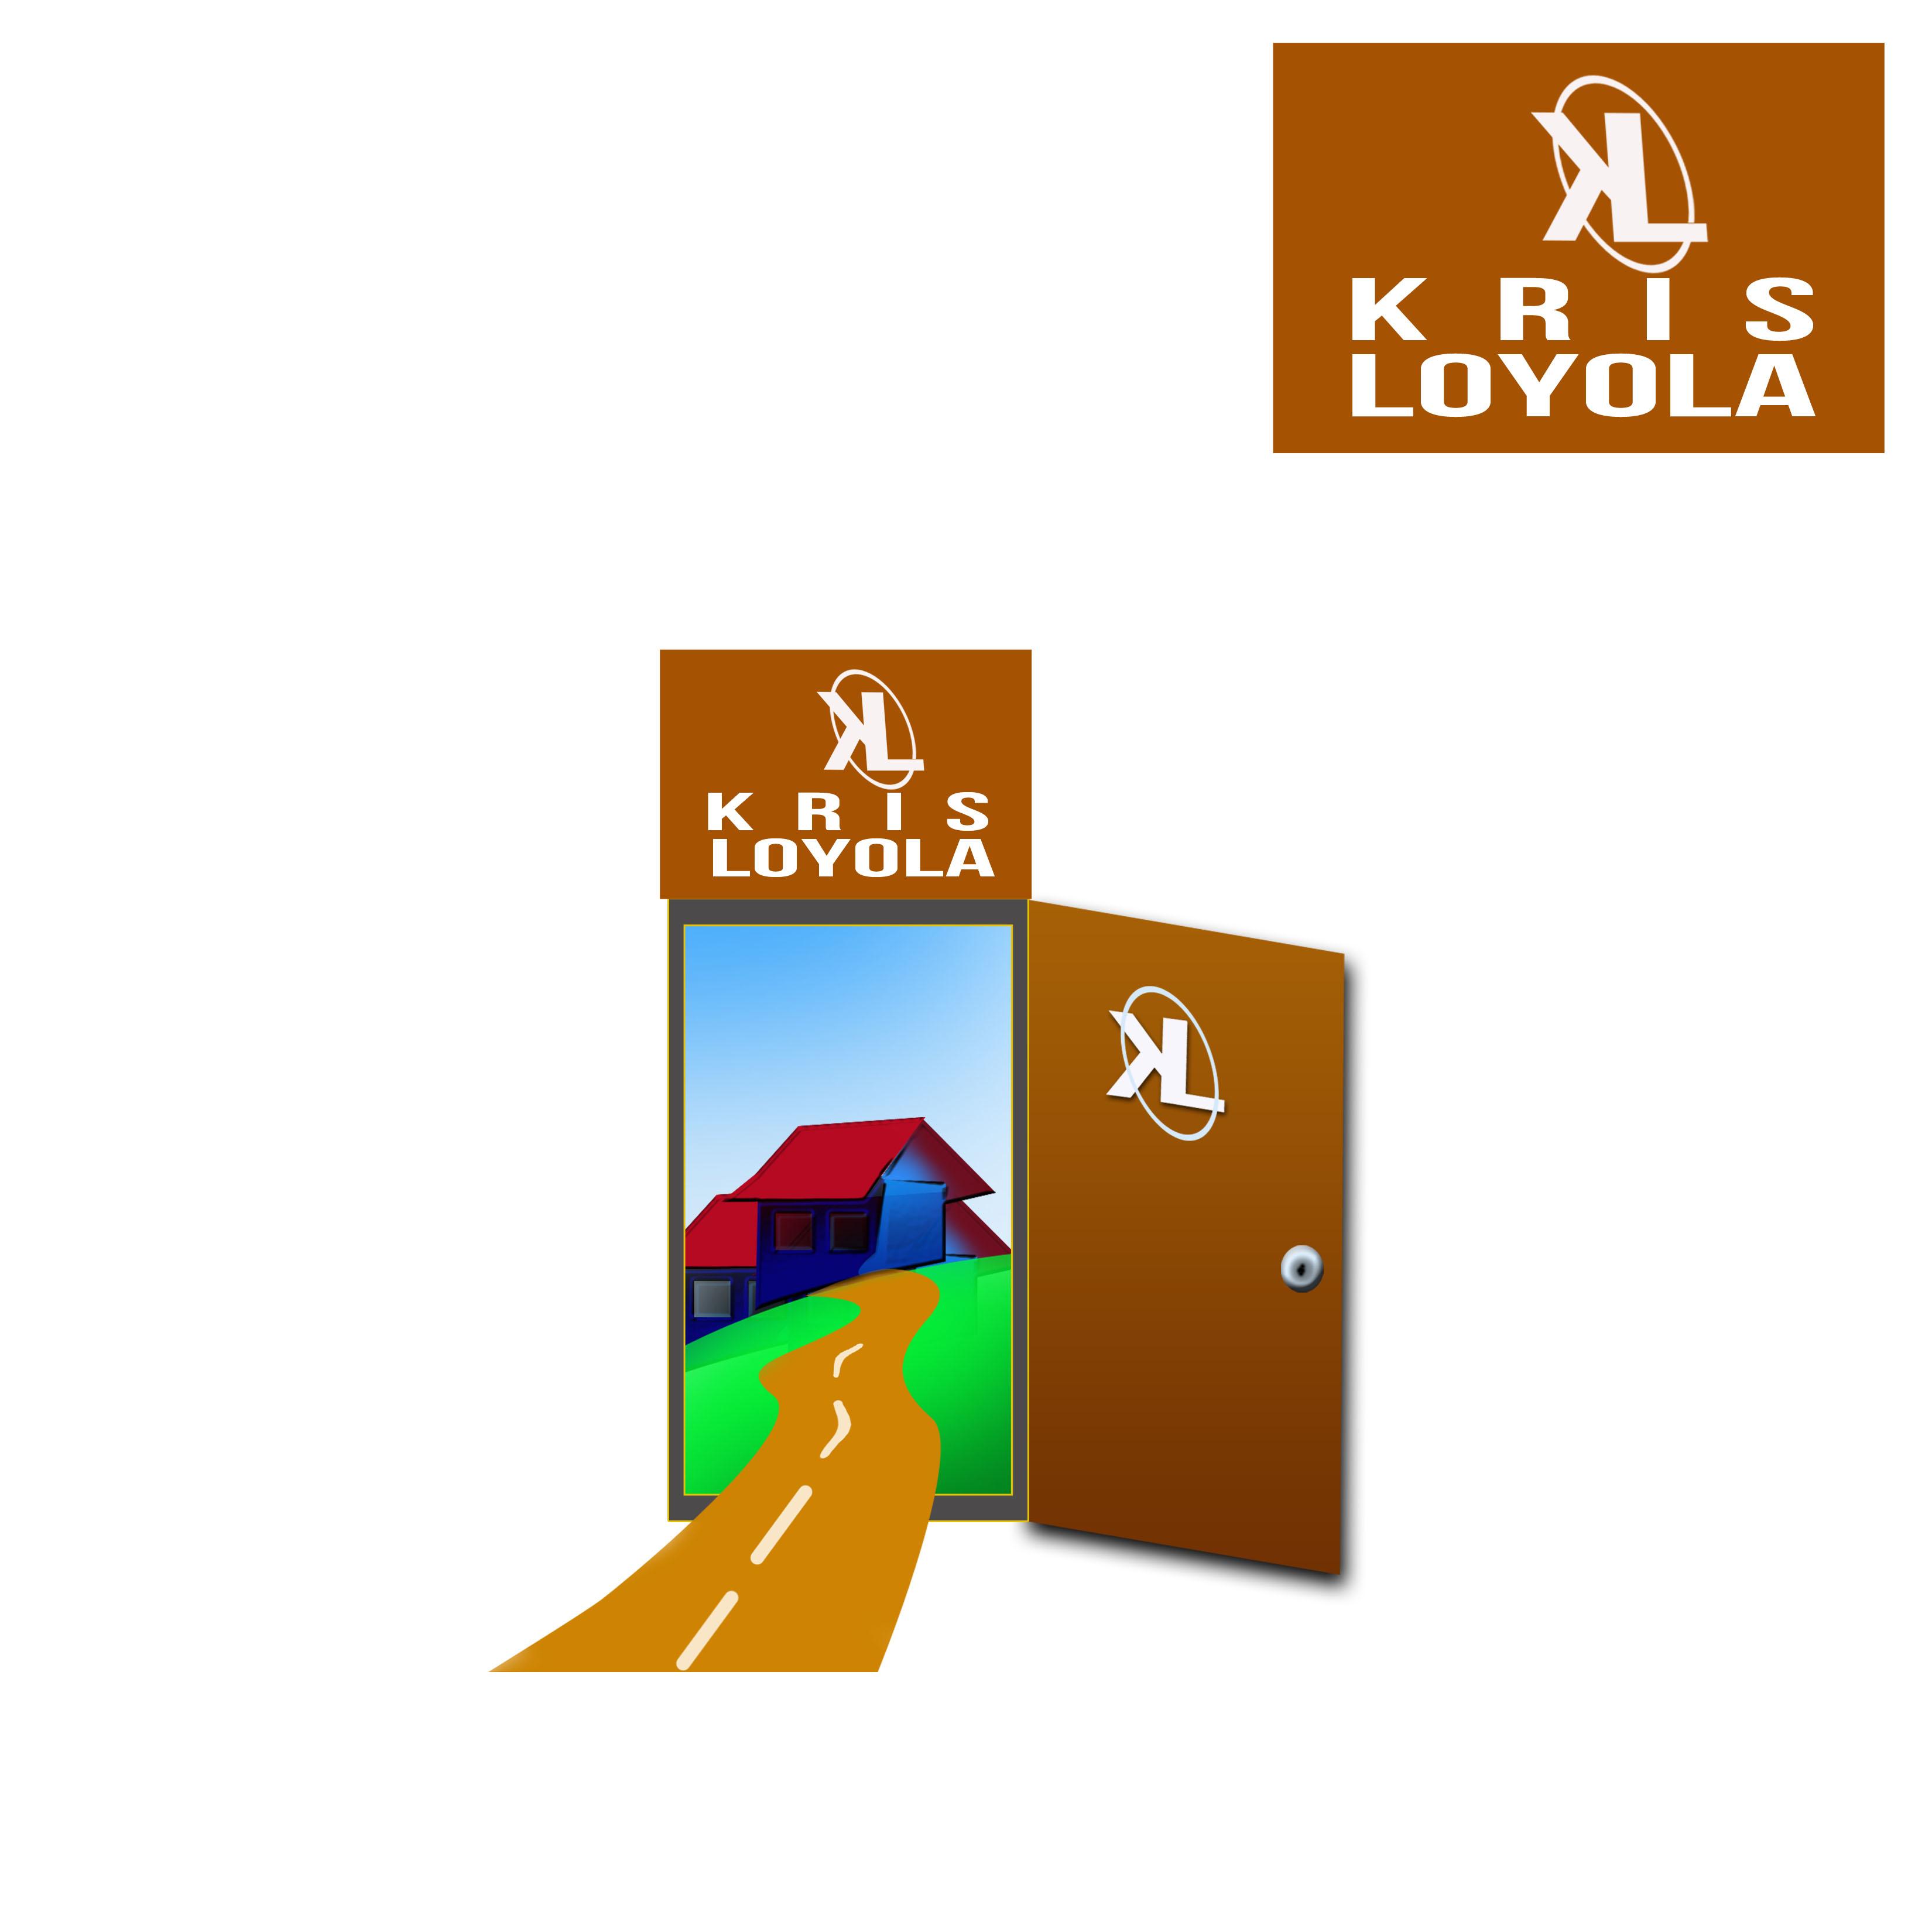 Logo Design by Alan Esclamado - Entry No. 79 in the Logo Design Contest Kris Loyola Logo Design.